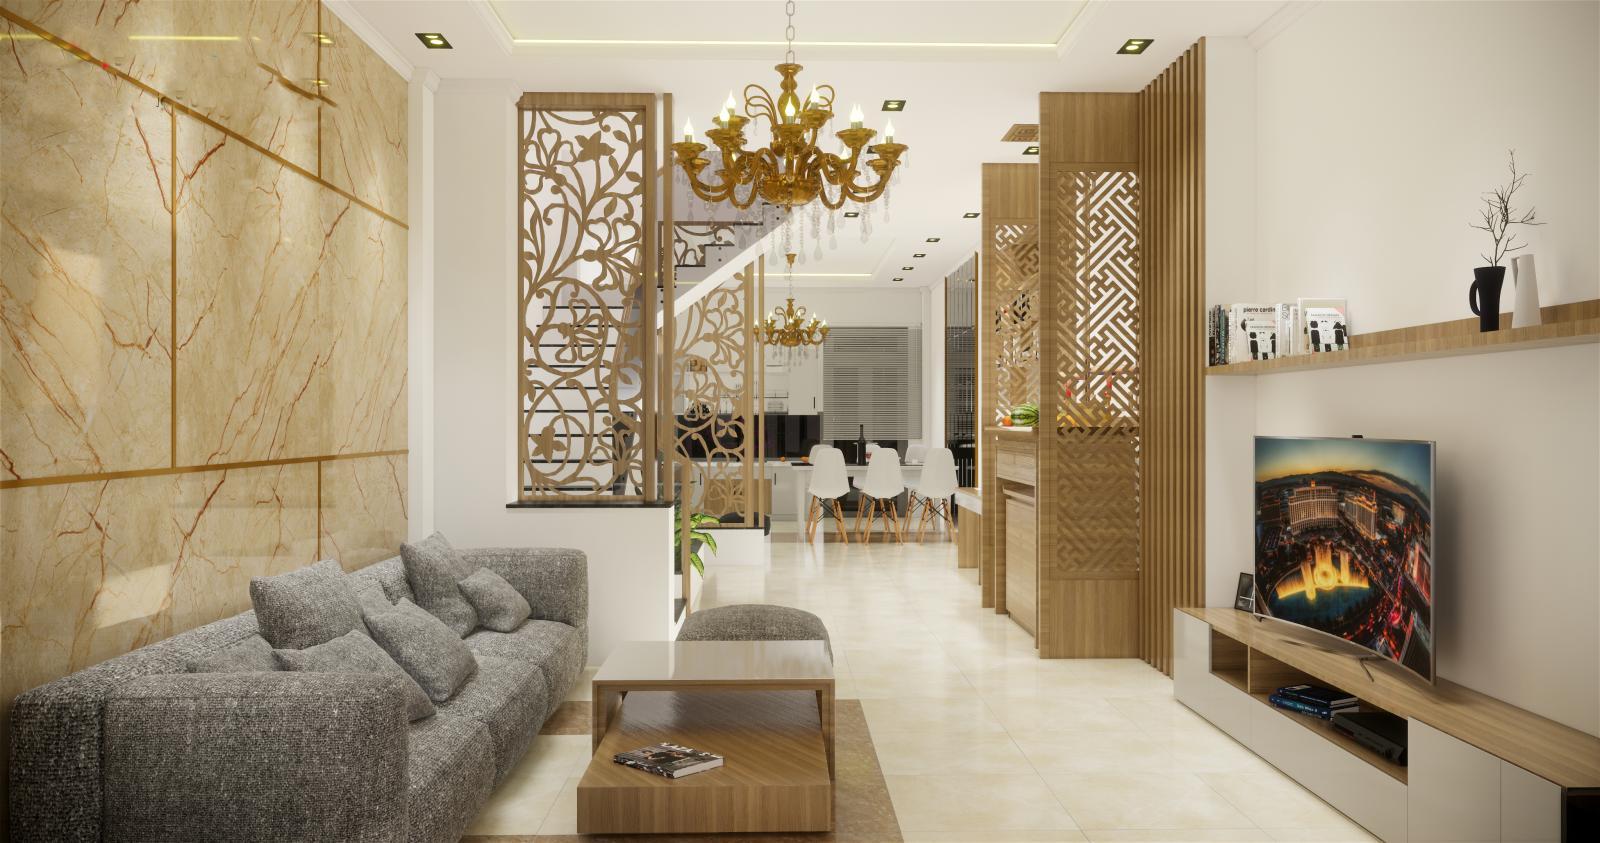 Phòng khách hiện đại có sofa, ti vi, vách ngăn bằng gỗ